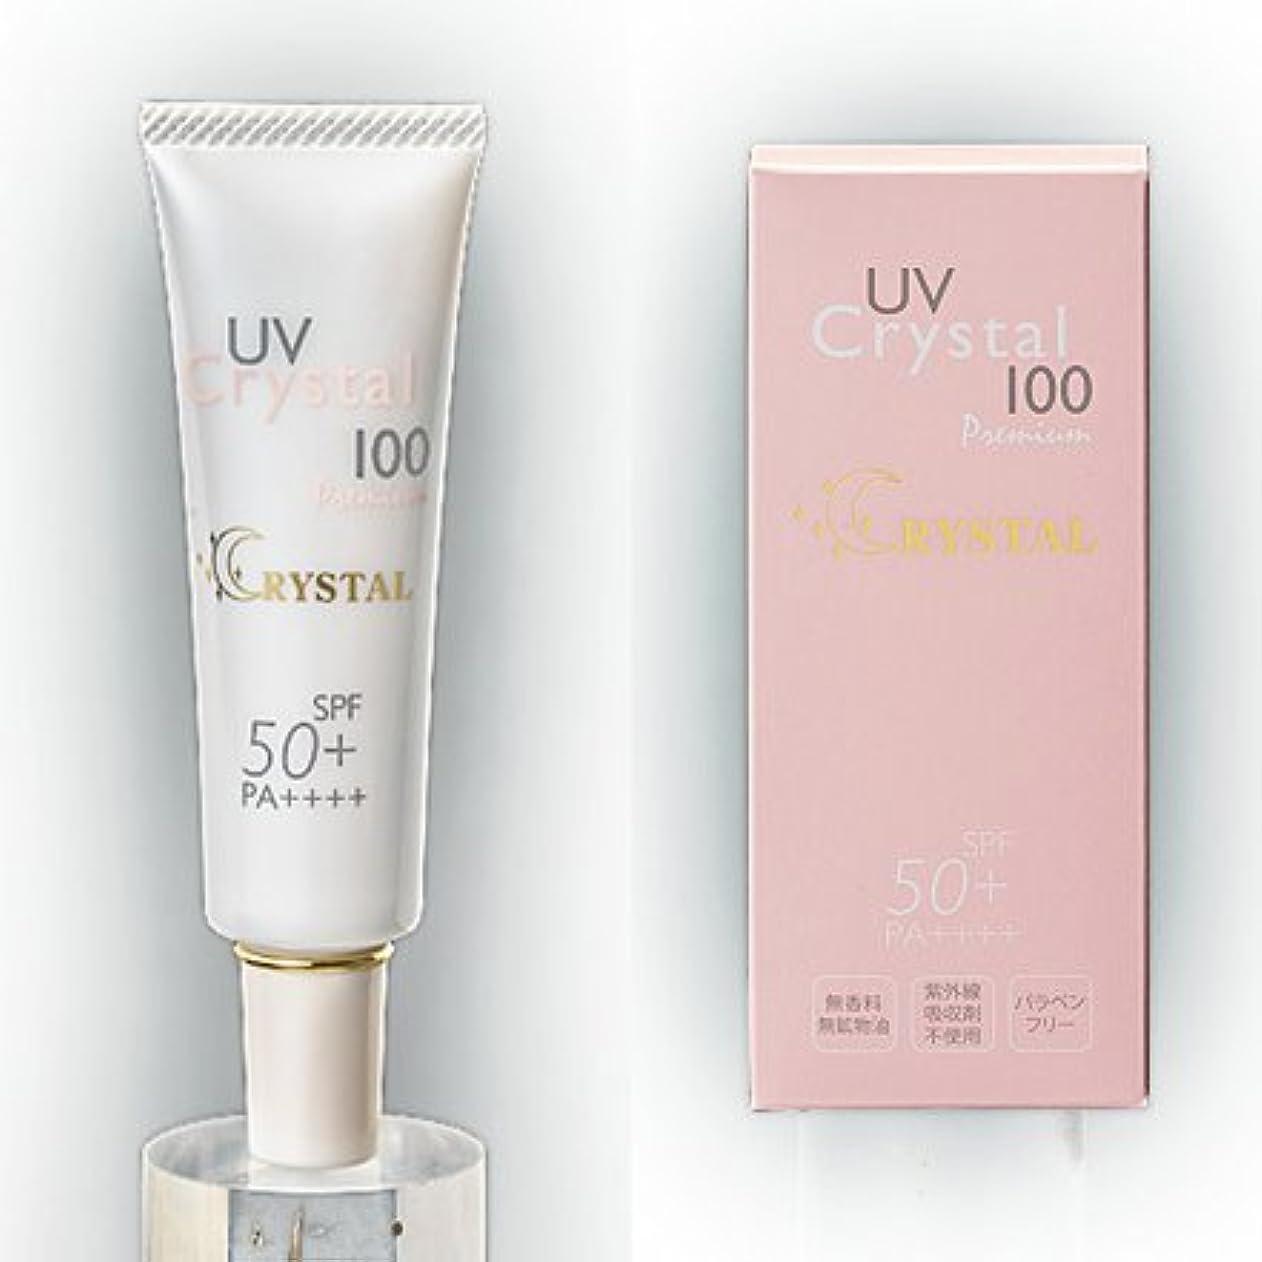 安らぎ悪化させる留め金UVクリスタル100 プレミアム30g 日焼け止めクリーム 日焼け止め 敏感肌 UVクリーム